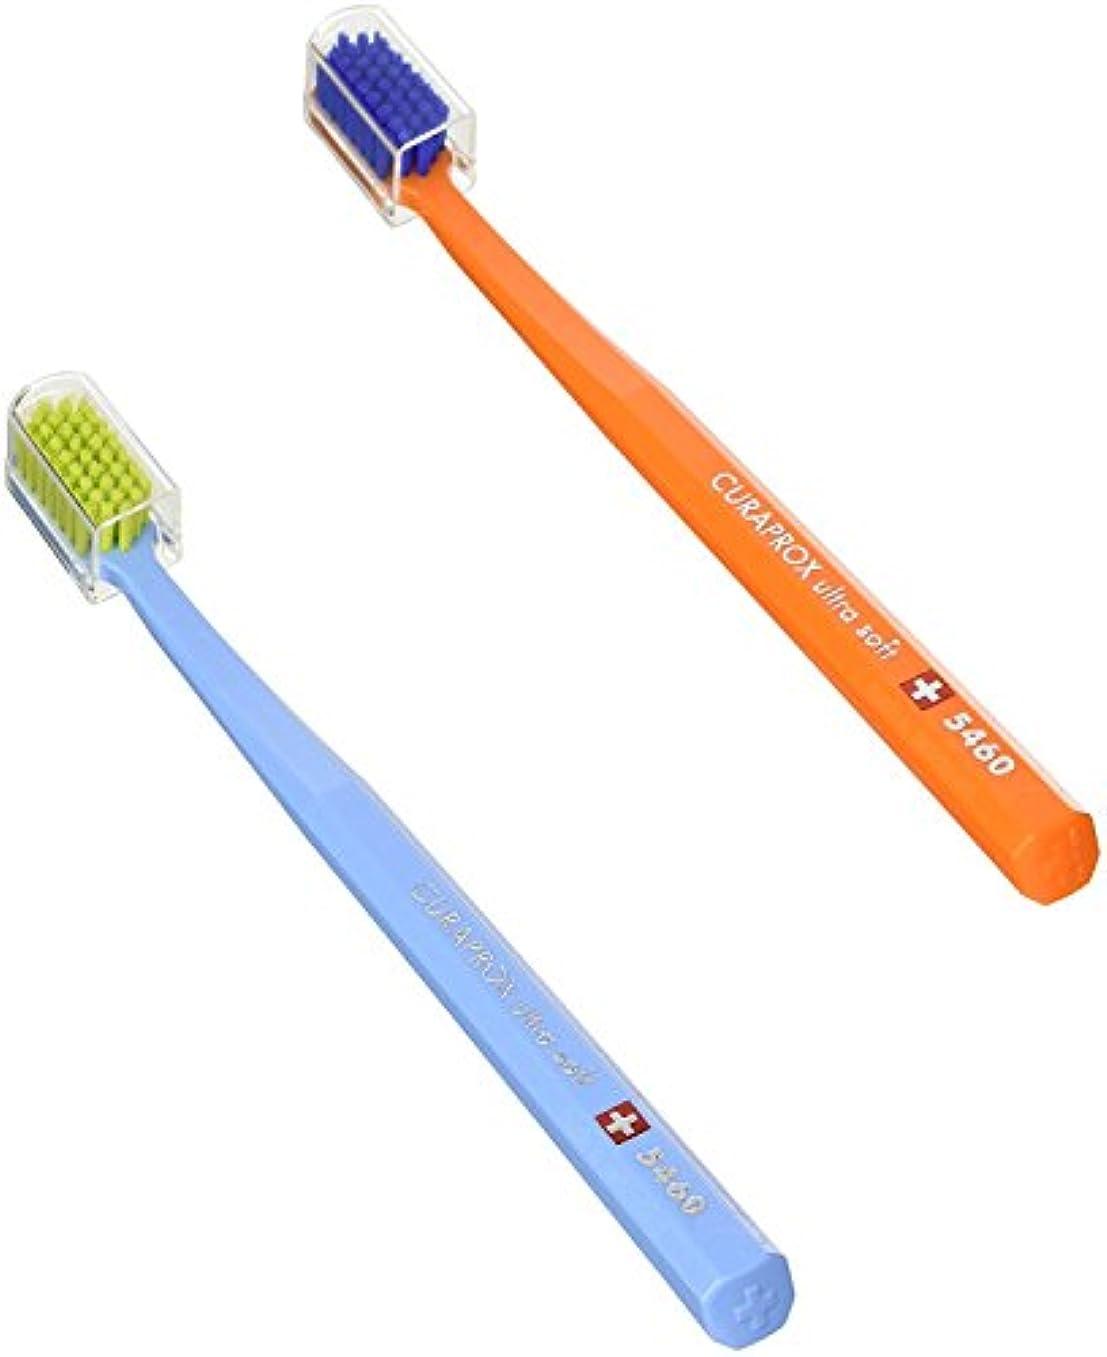 添付暴露罪キュラプロックス 5460ウルトラソフト歯ブラシ 2本